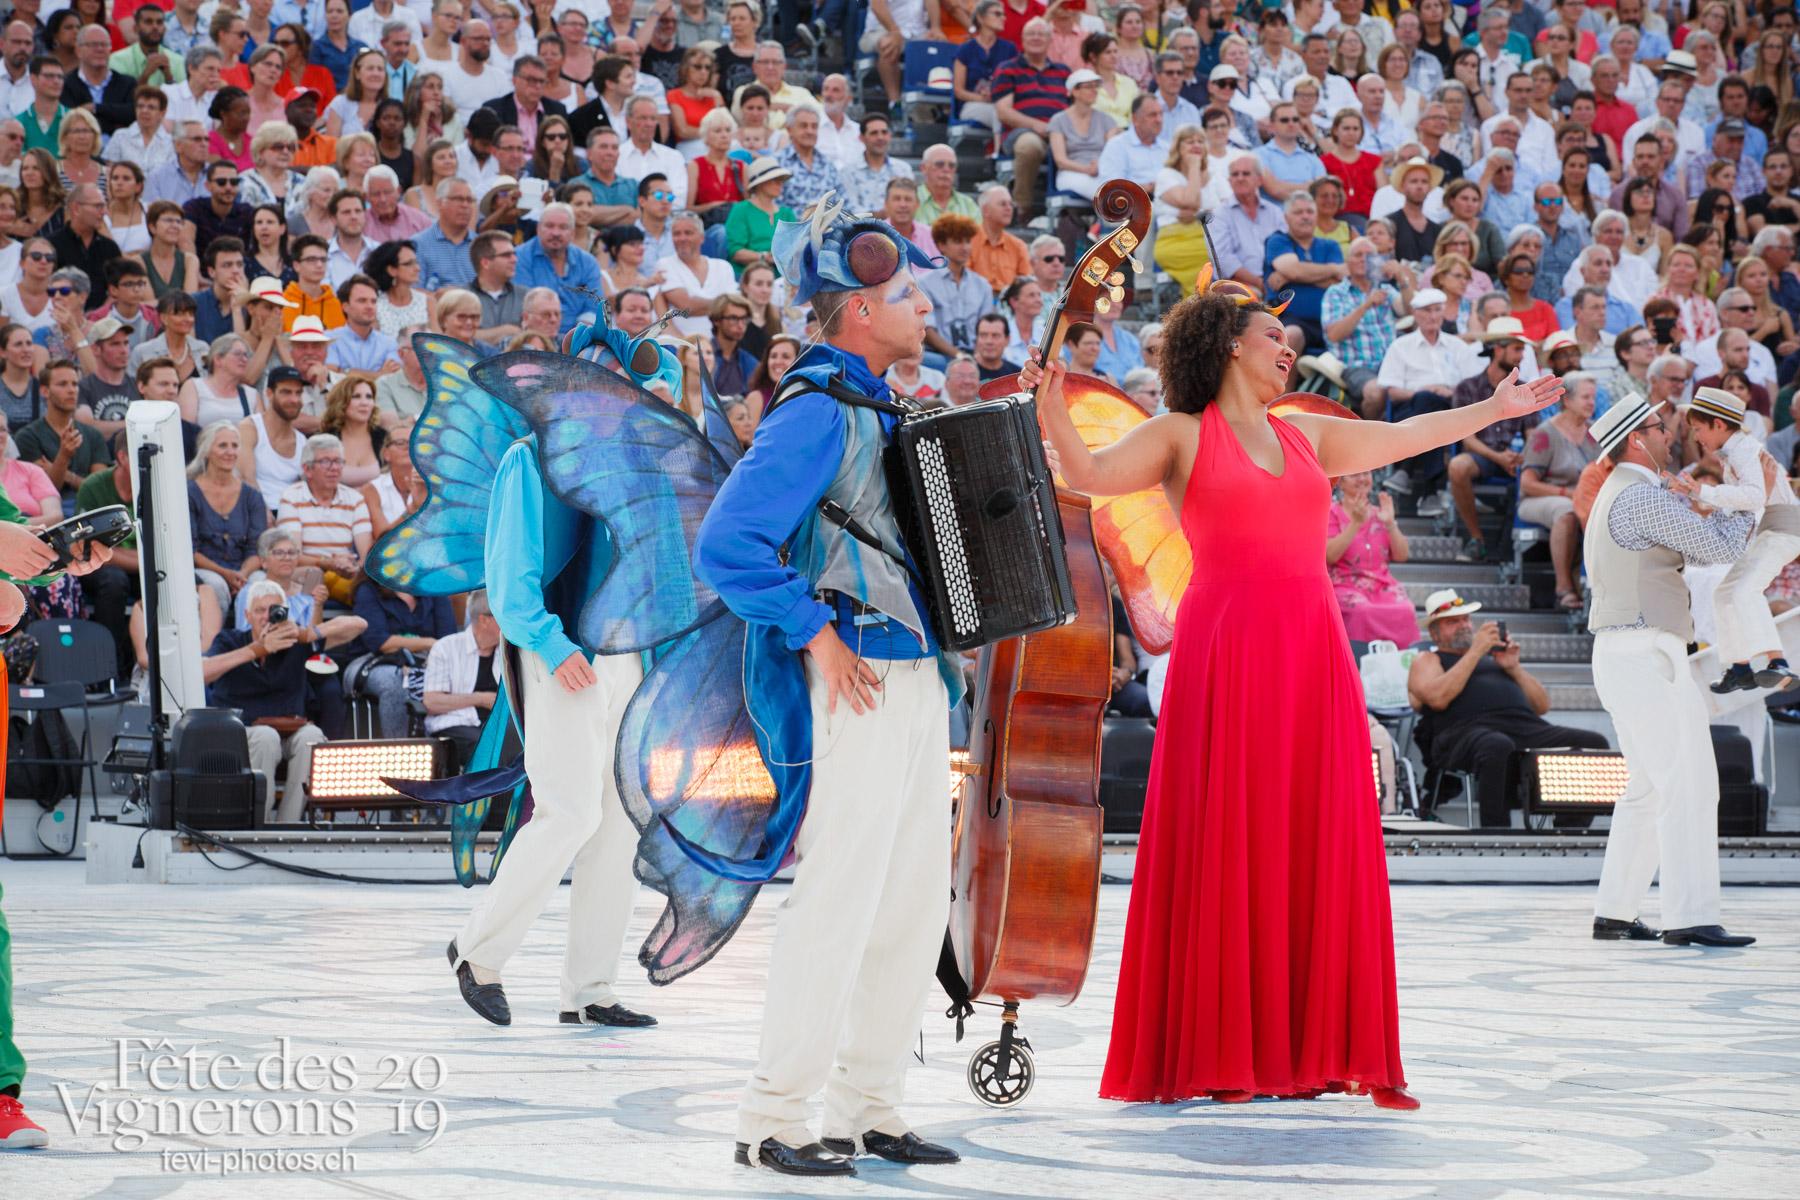 Spectacle jour - Jour, Musiciens de la Fête, Musiciens solistes, Météo types, Spectacle, noce. Photographes de la Fête des Vignerons 2019